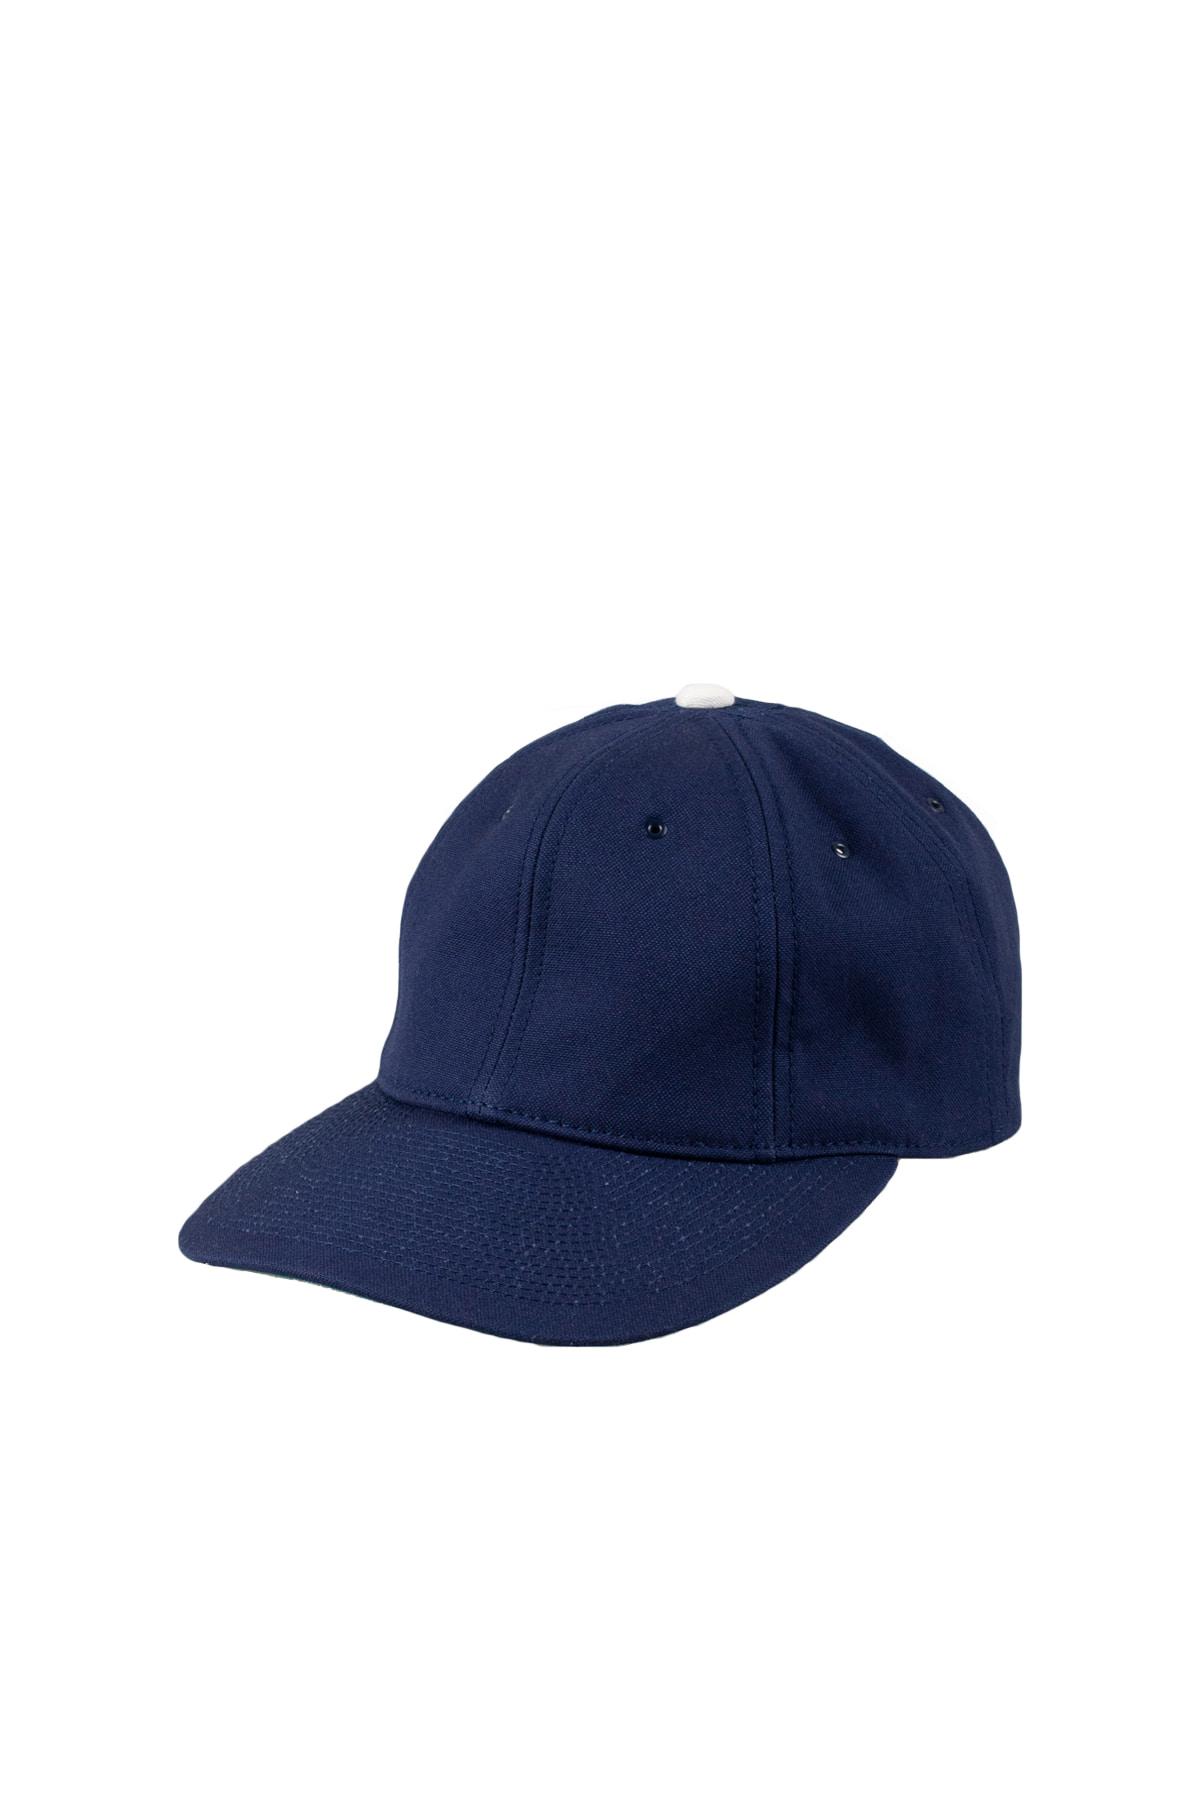 769a4704a8f3e POTEN   Team (Navy)